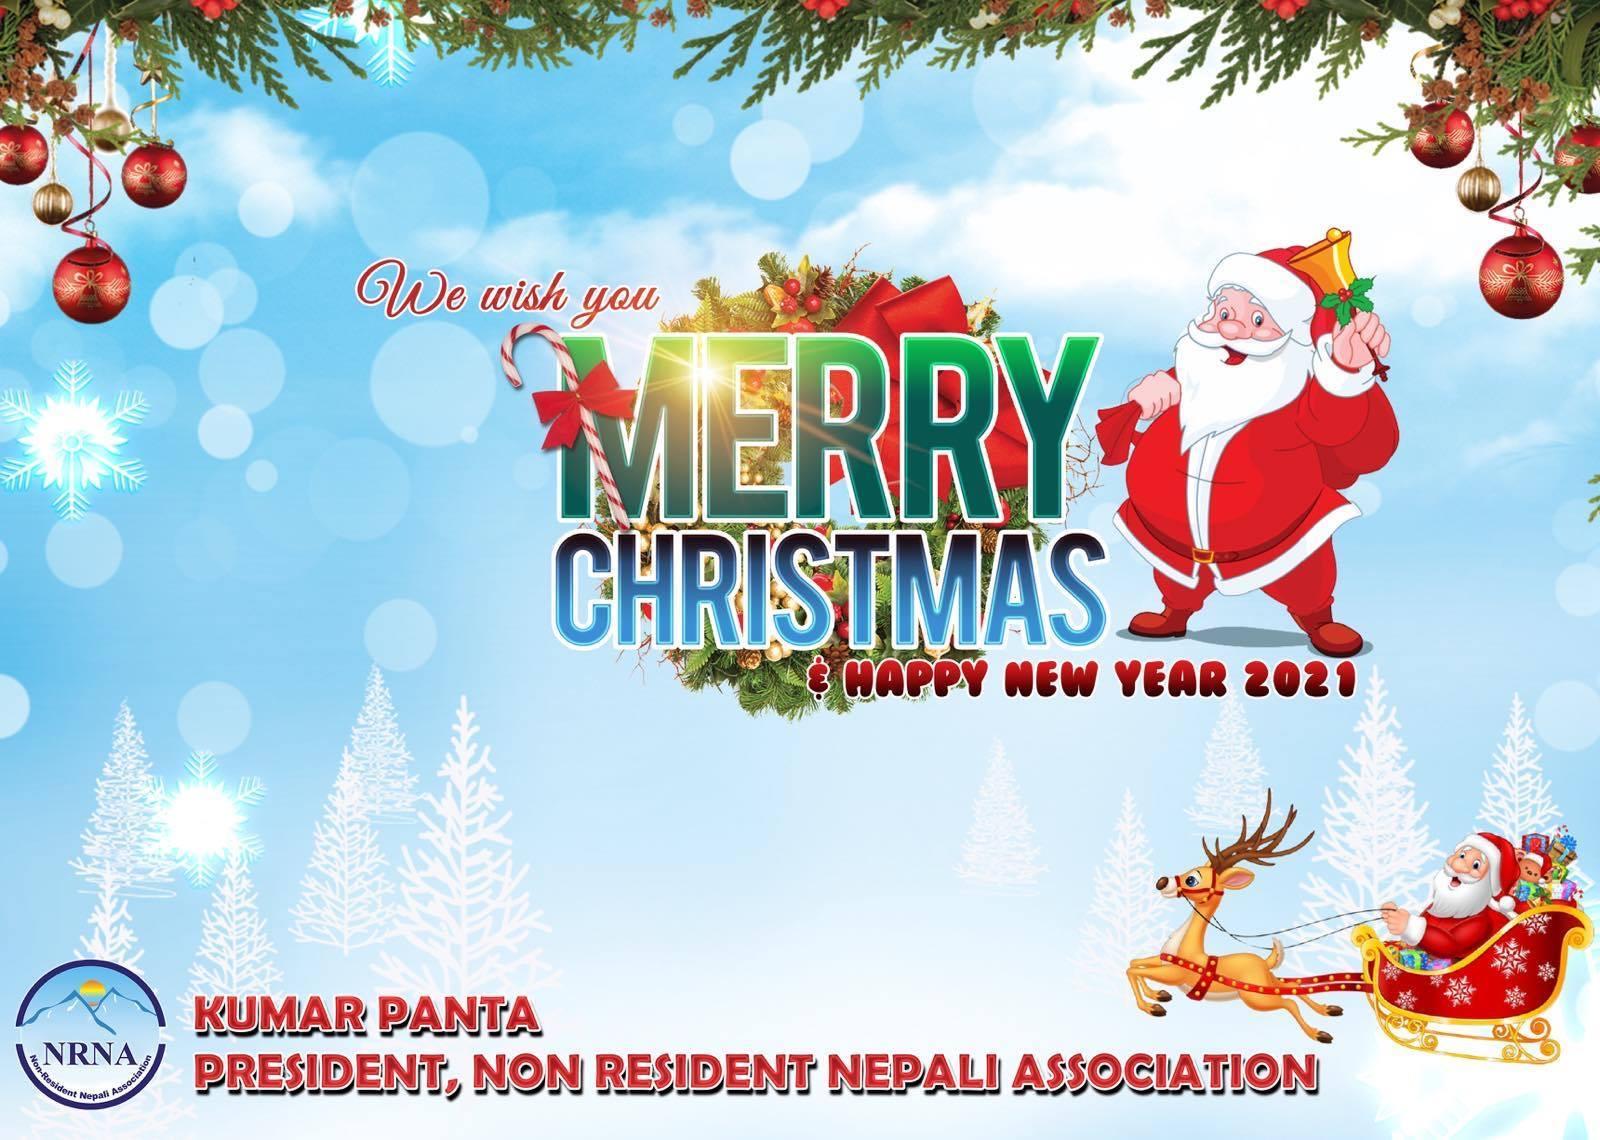 विश्वभरका नेपालीलाई एनआरएनद्वारा क्रिसमसको शुभकामना